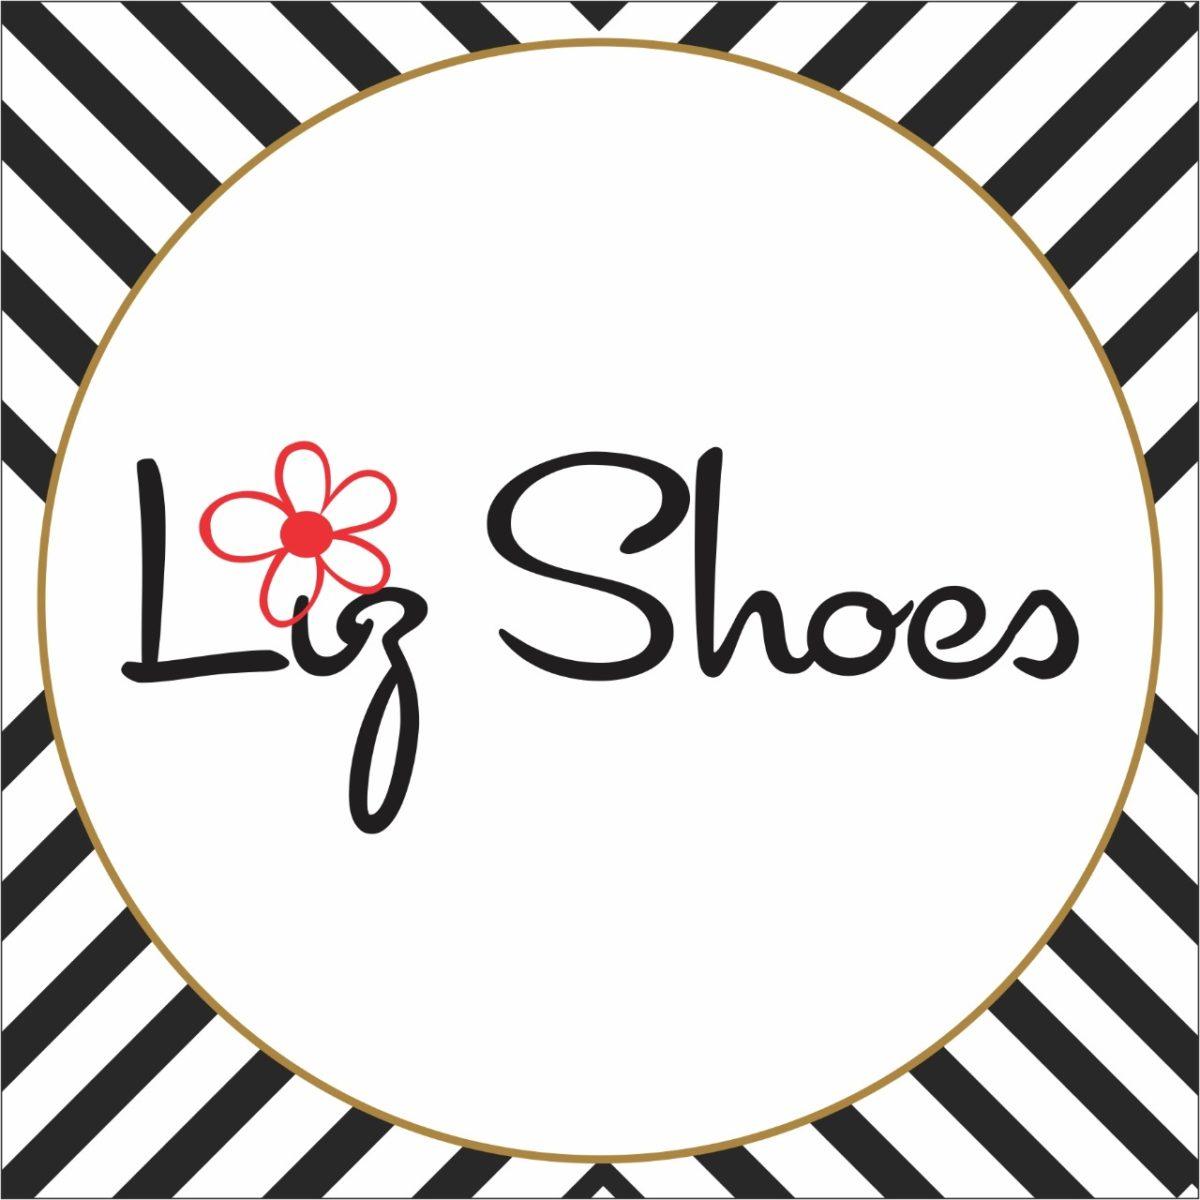 Liz Shoes